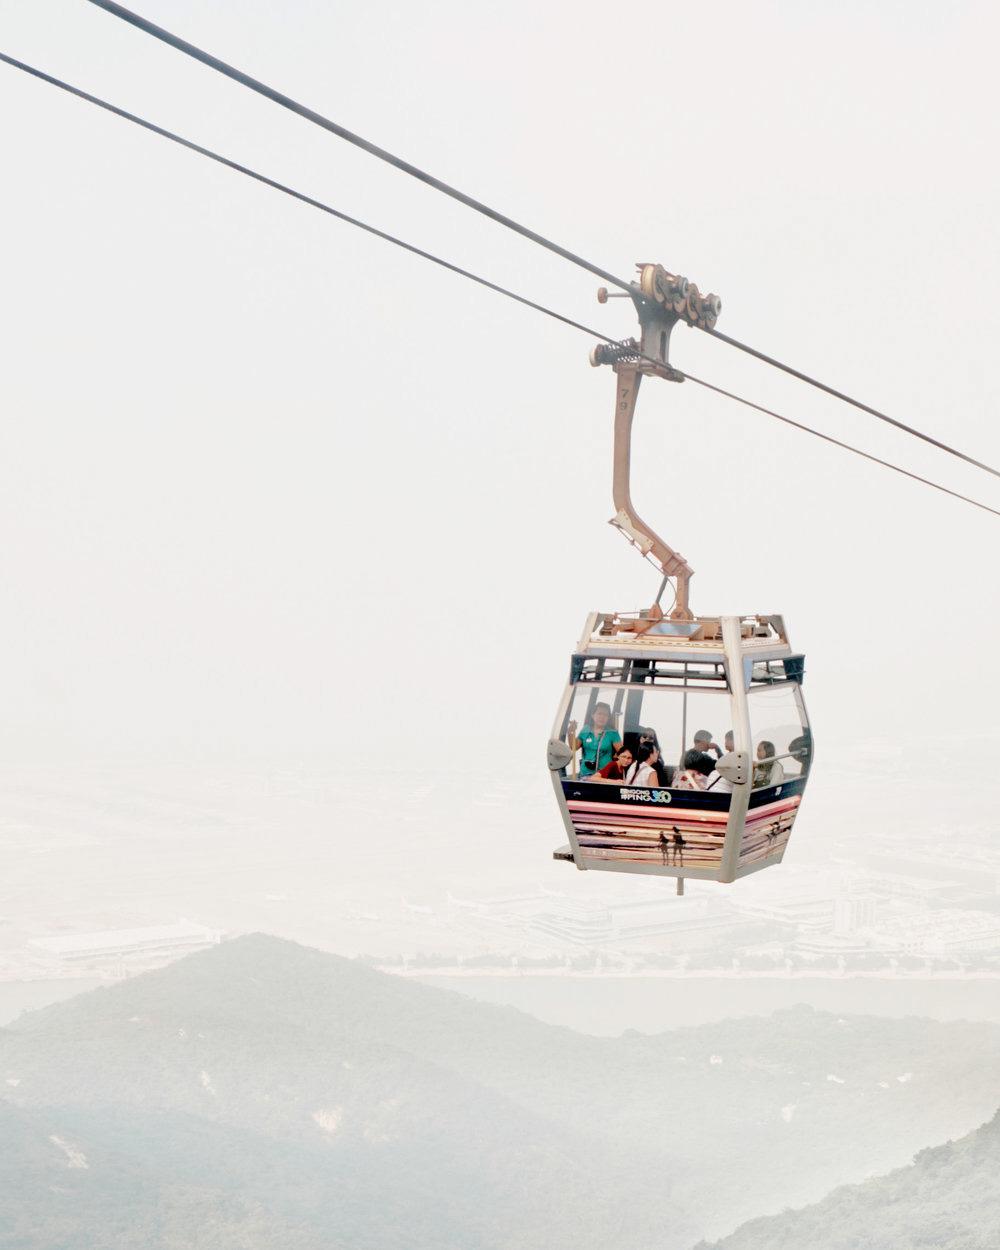 Cable car ride in Hong Kong